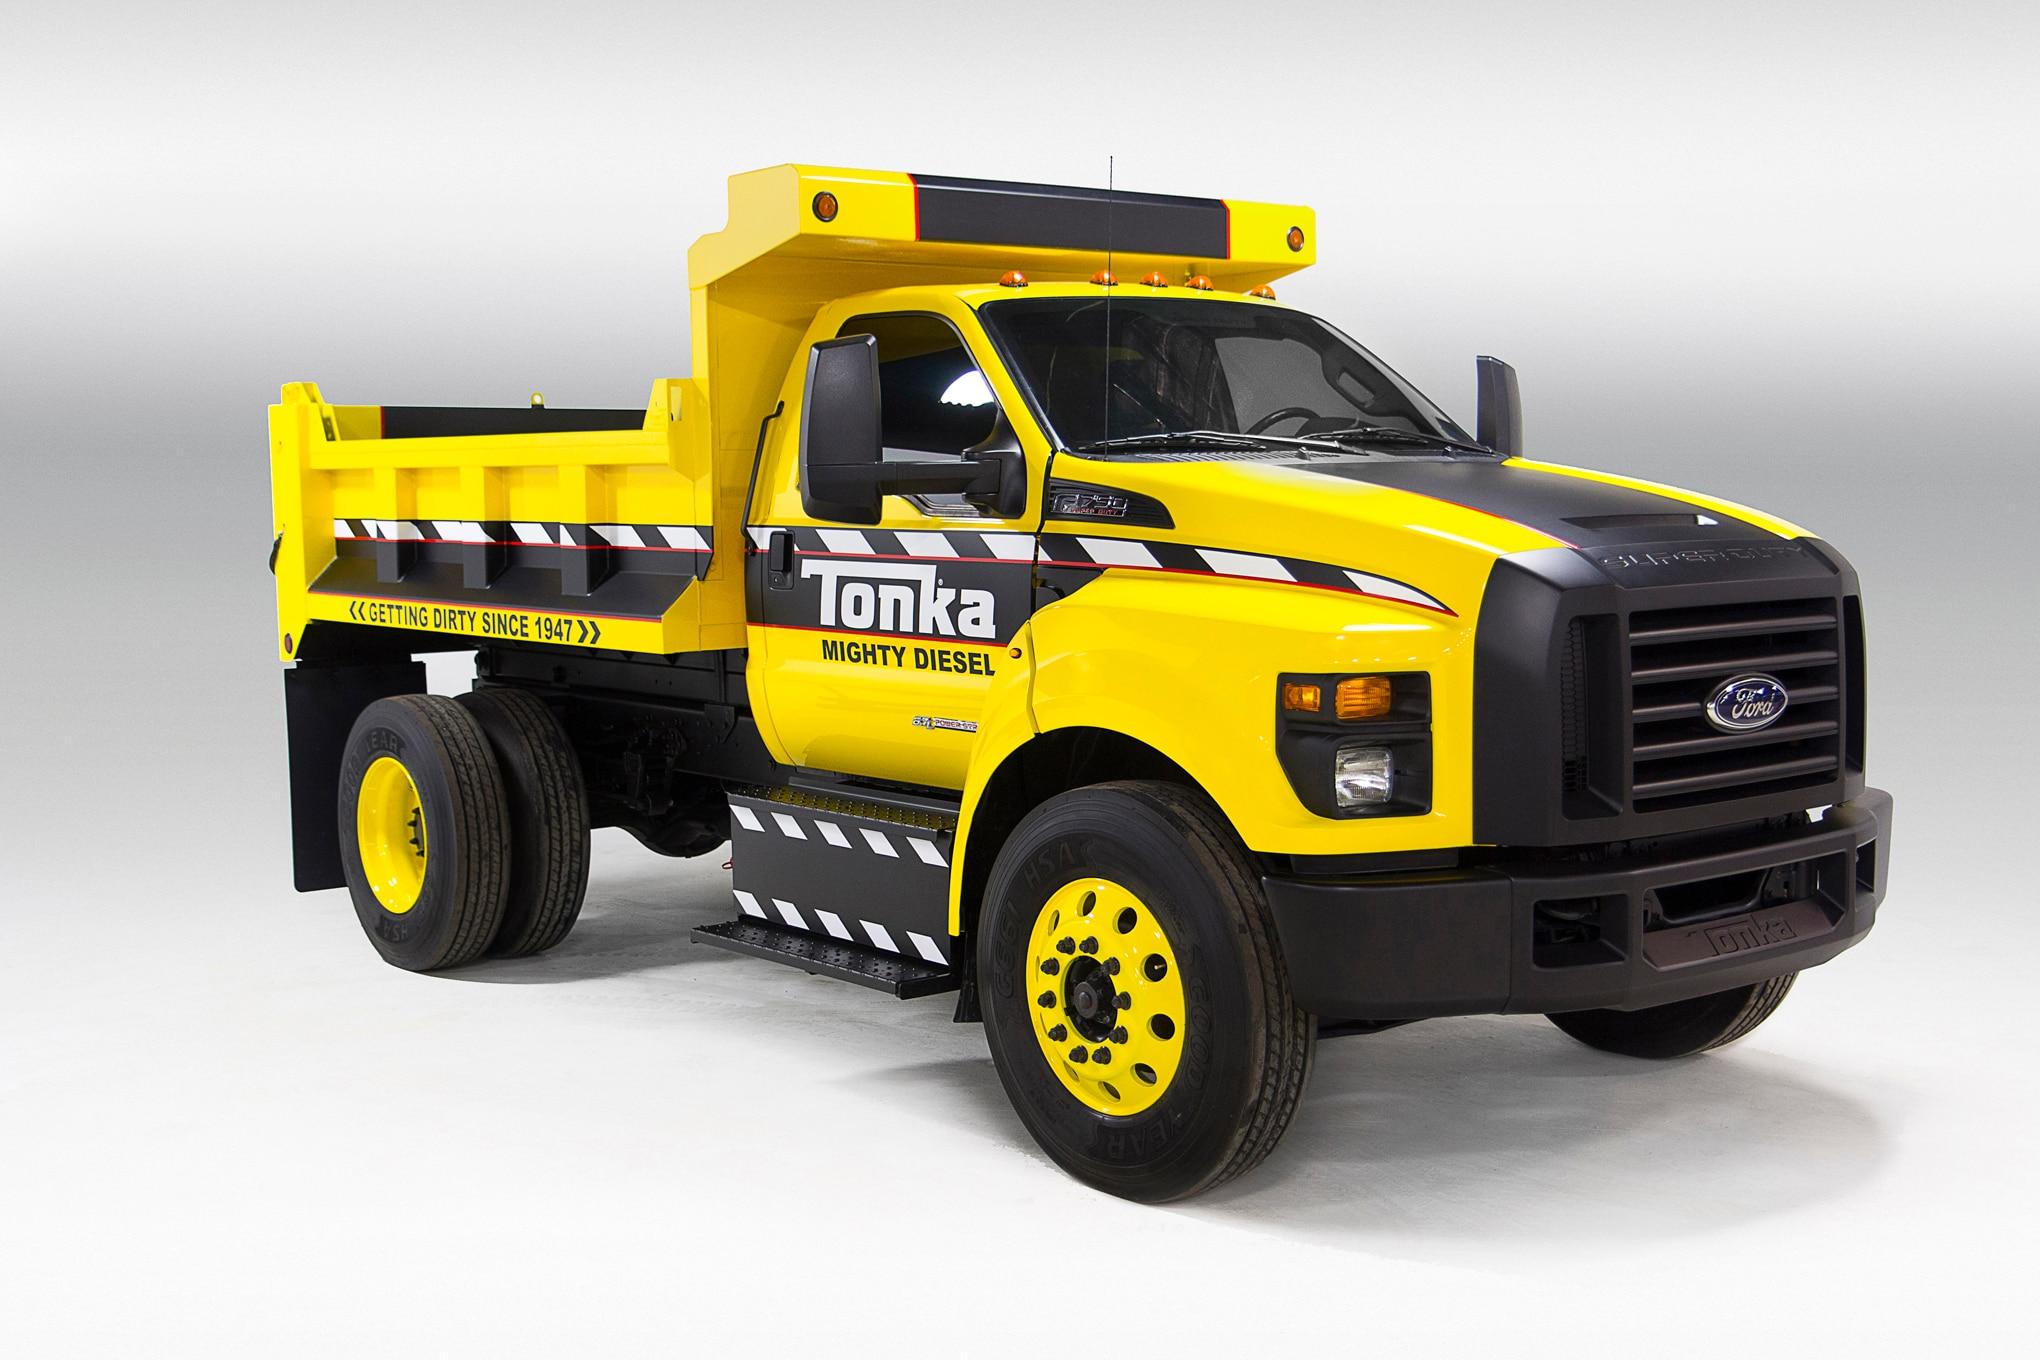 Ford F 750 TONKA Dump Truck Front Three Quarter 02